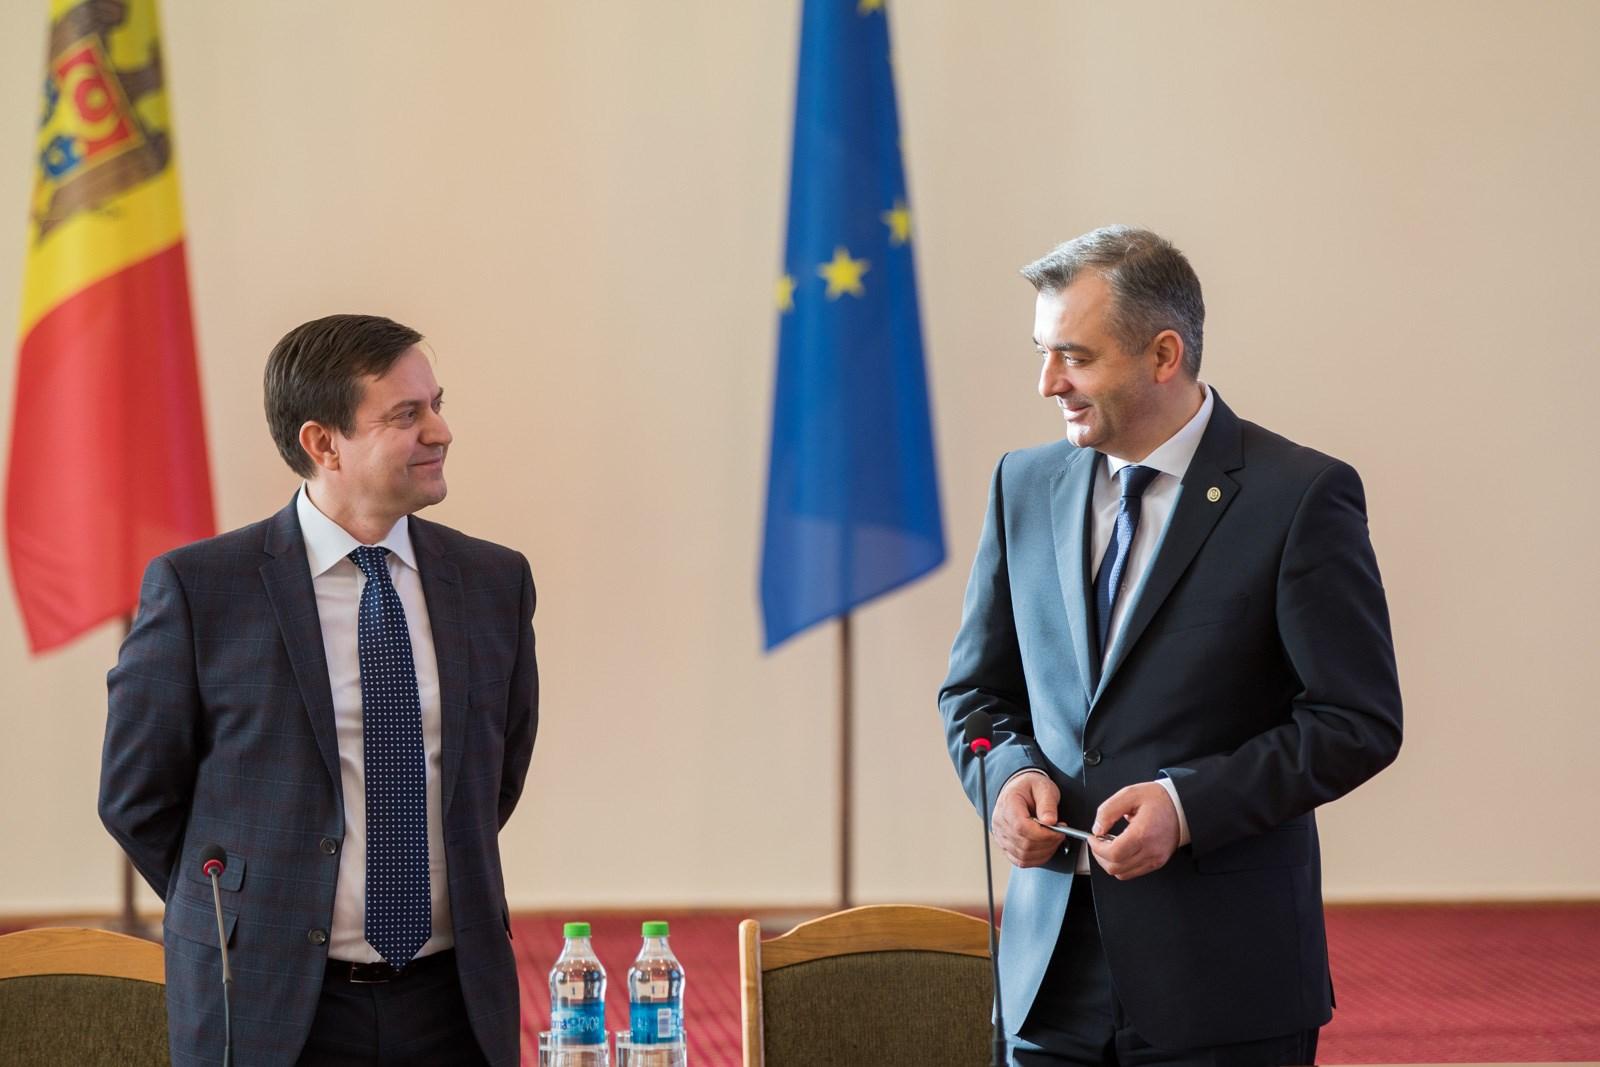 Premierul a prezentat noul director al Agenției Proprietăți Publice angajaților